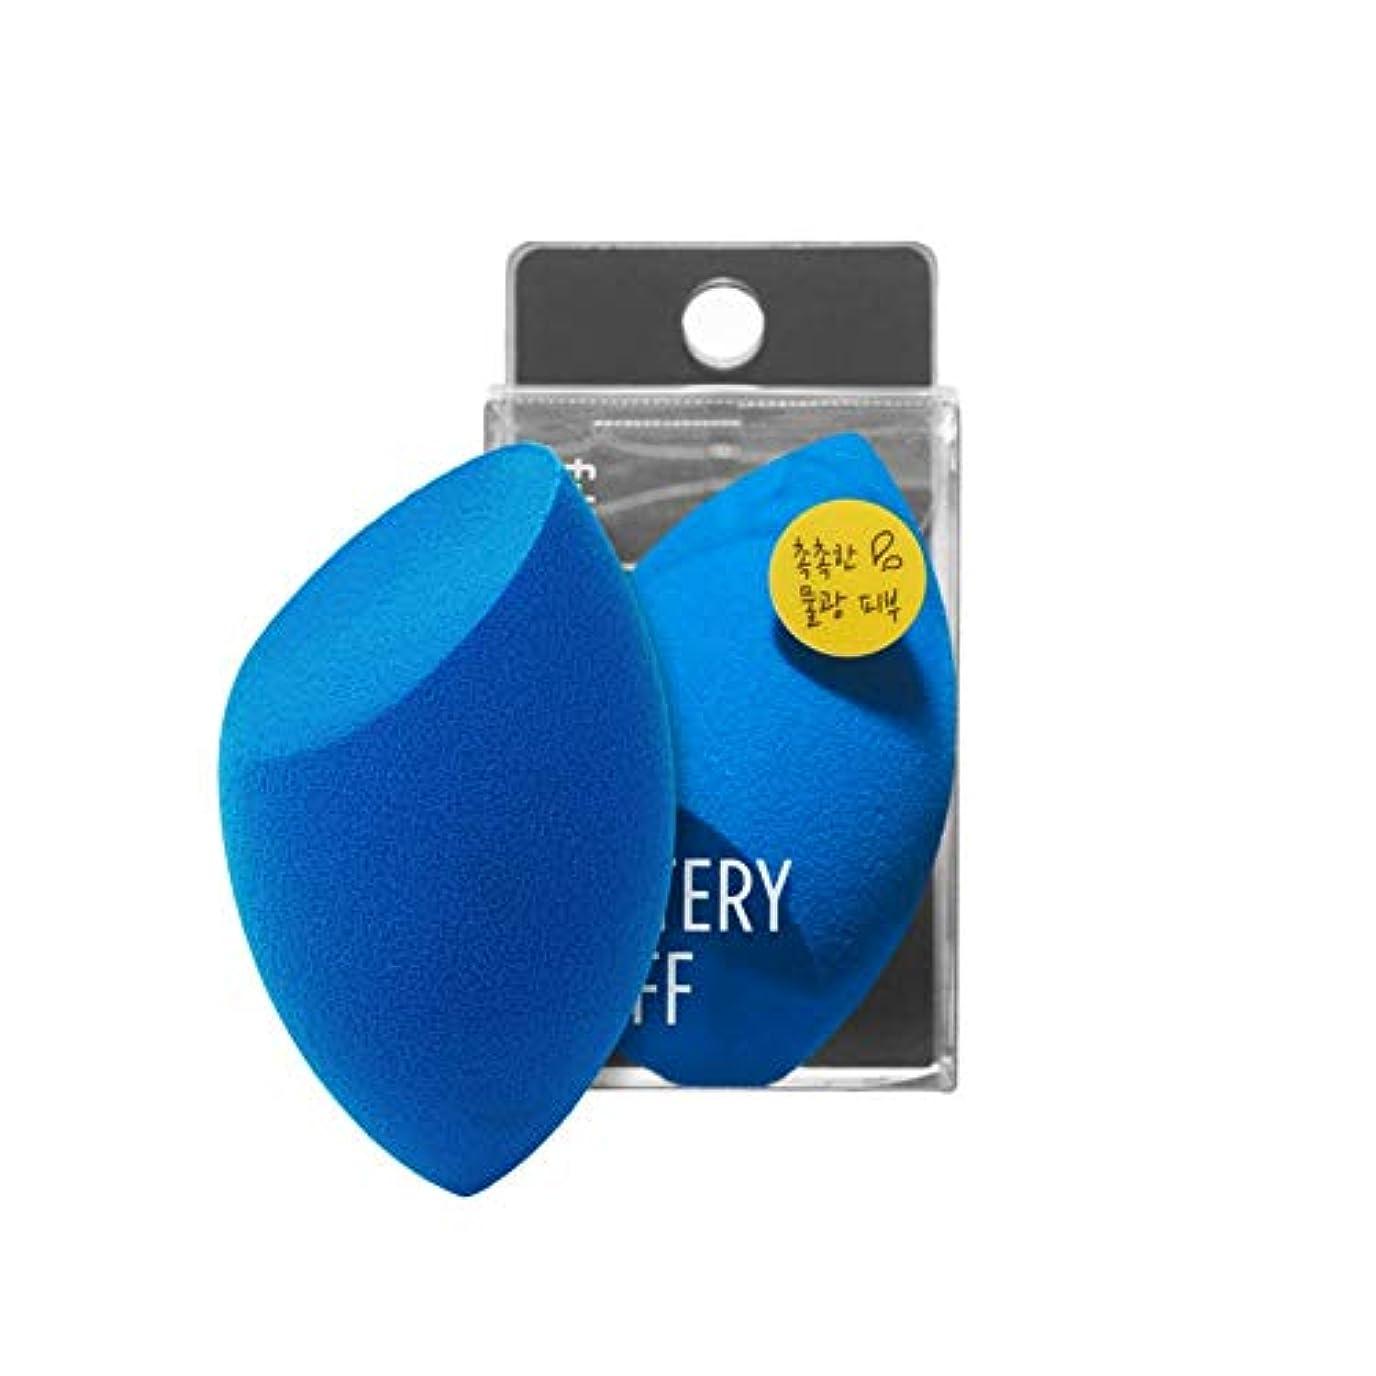 相対サイズ木材模倣fillimilli Make-up Sponge Watery Puff しっとりパフ (チョクチョクパフ) 1個 (Olive Young) [並行輸入品]